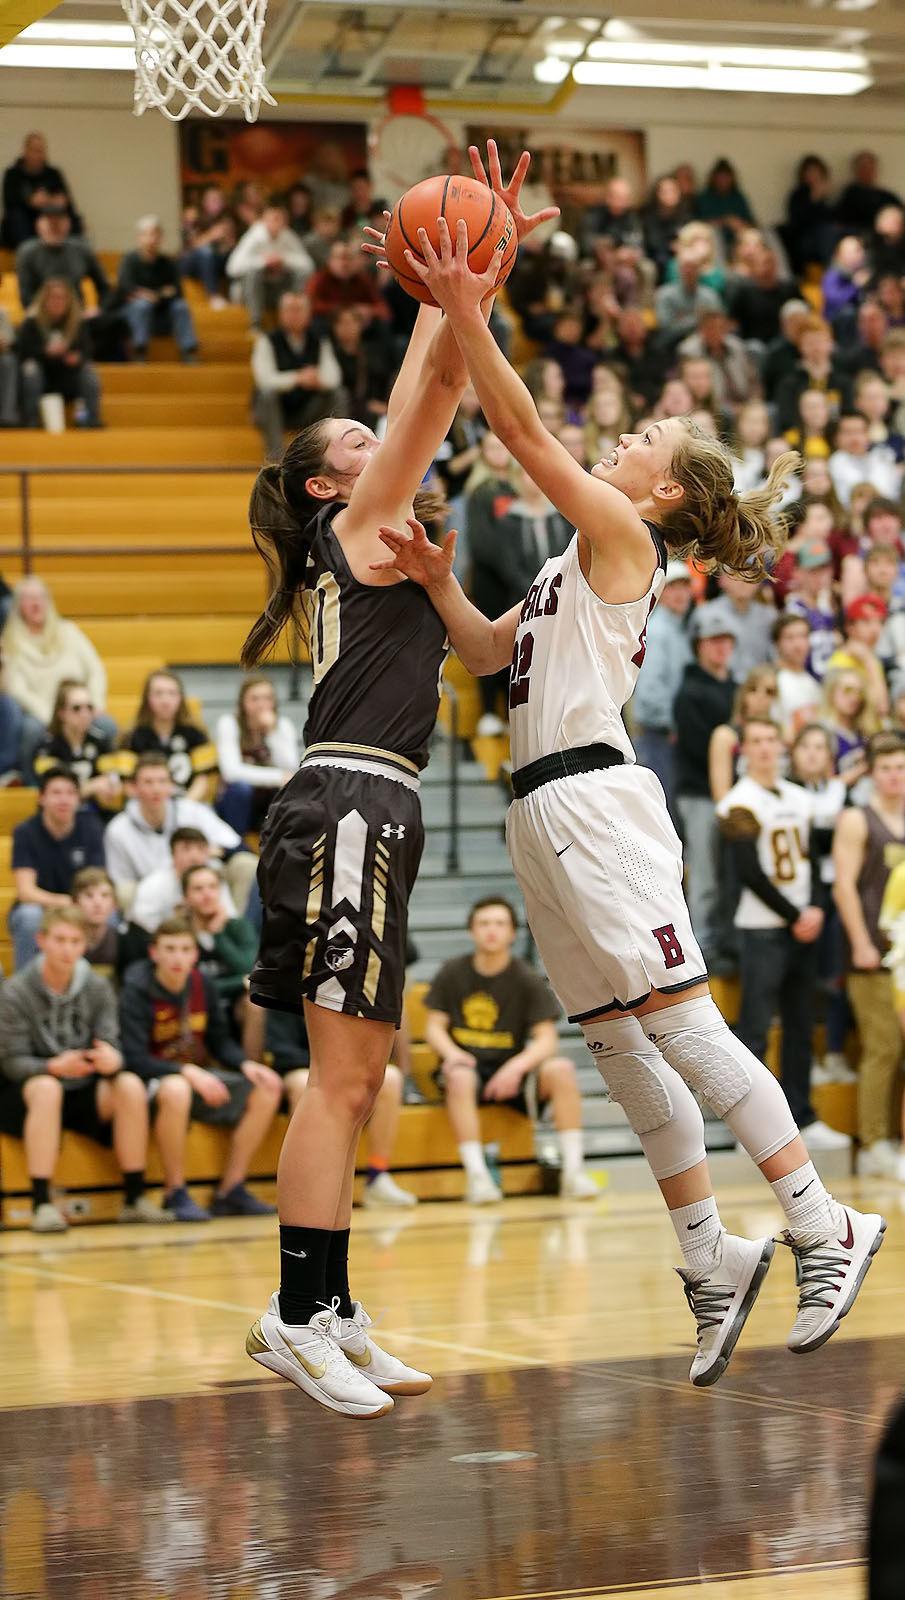 030218-ir-spt-girls-basketball-HHS-1.jpg